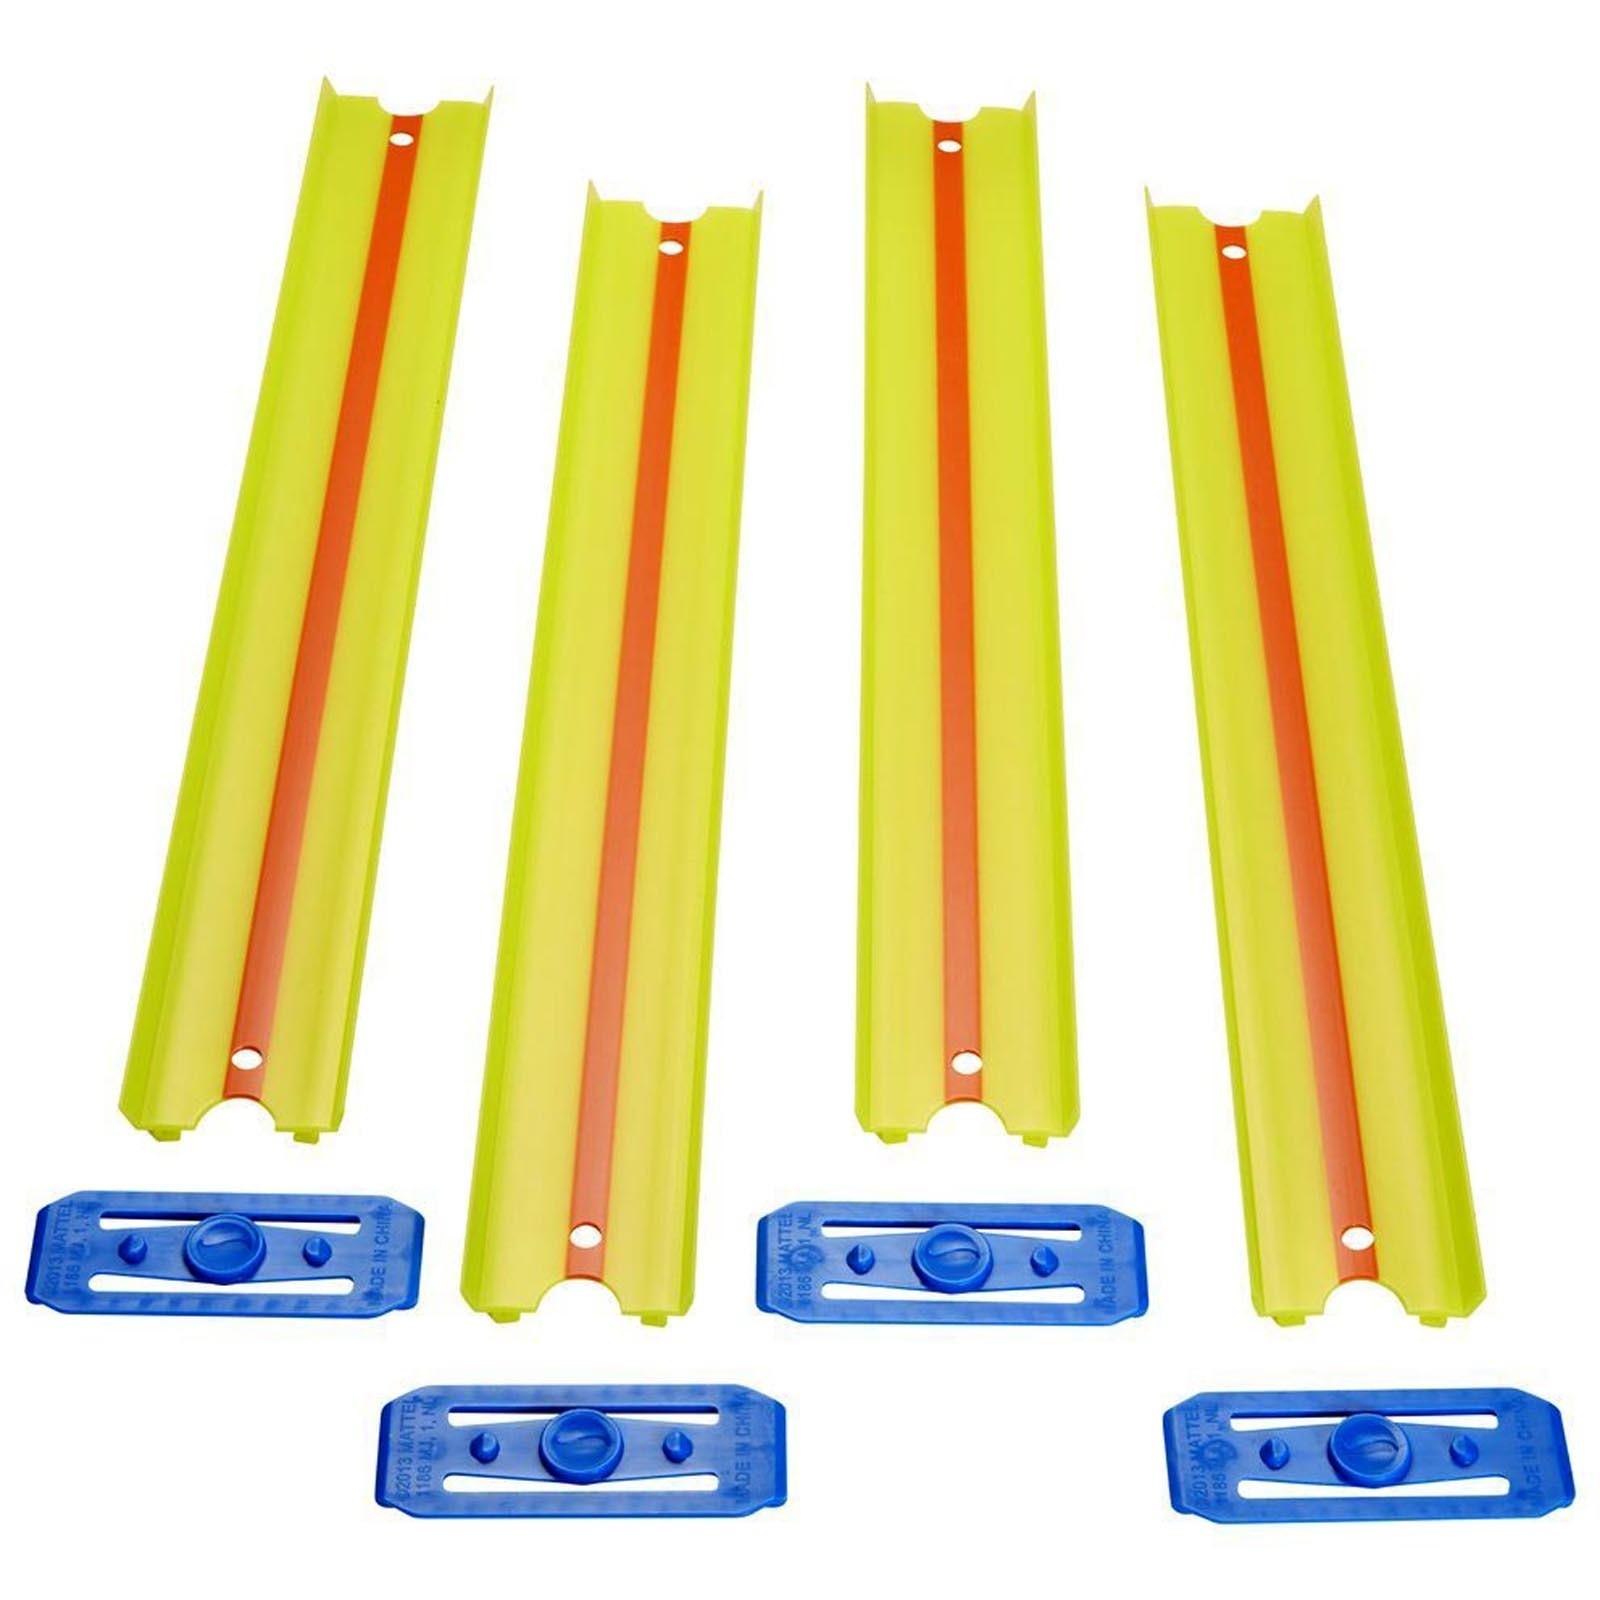 Pista Hot Wheels - 4 Seções Retas Amarela - 90cm - Track & Builder - GLD50